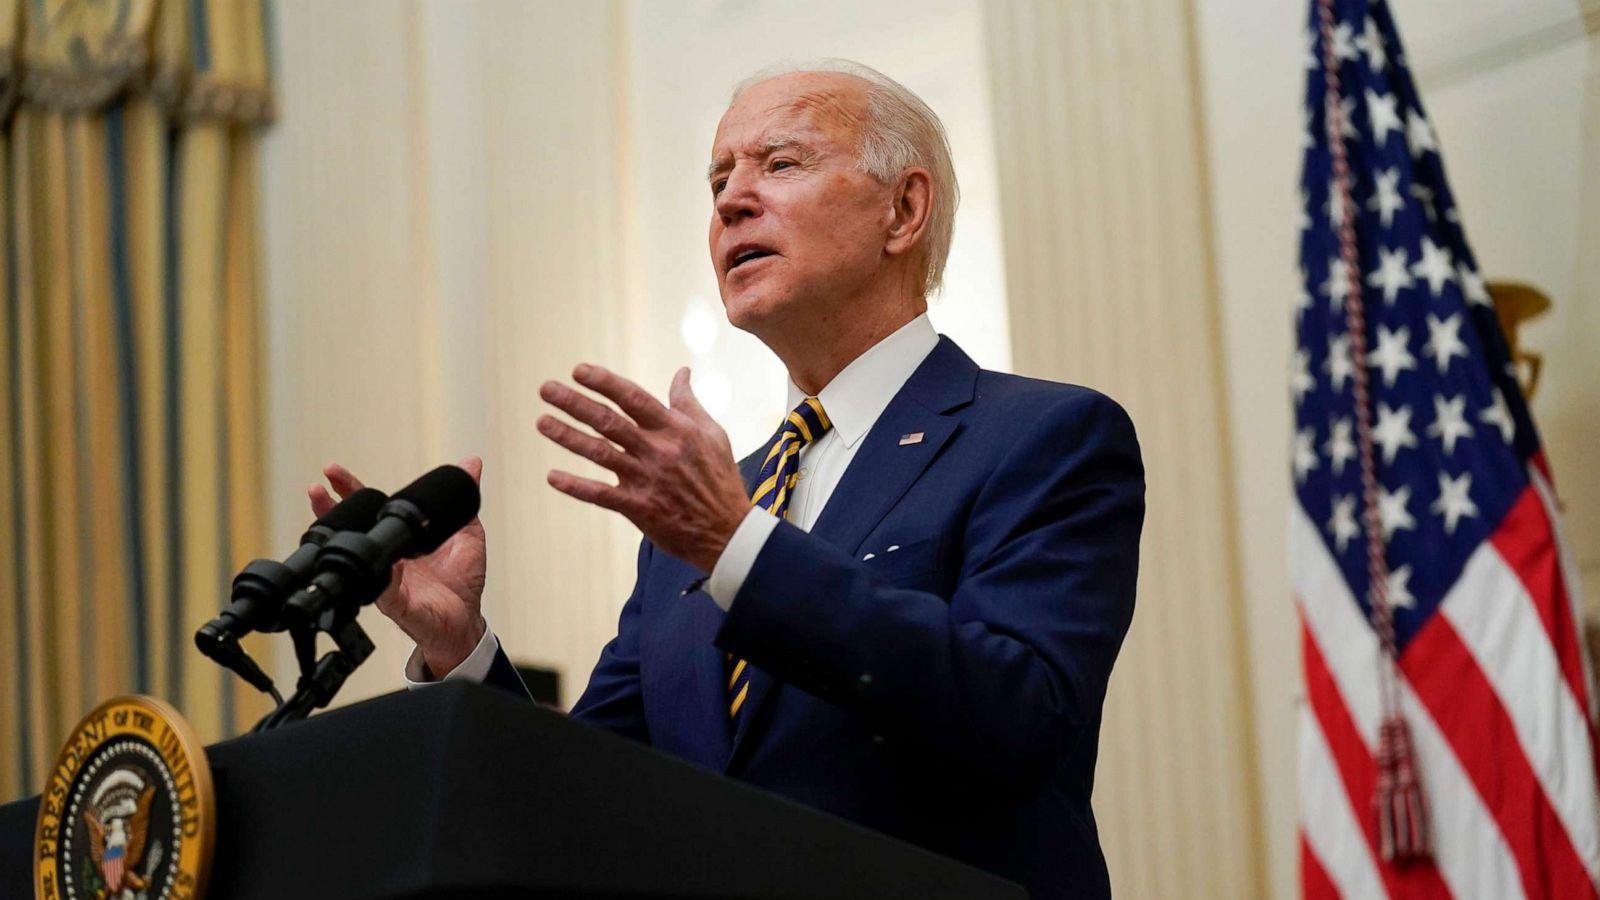 Biden's foreign policy speech